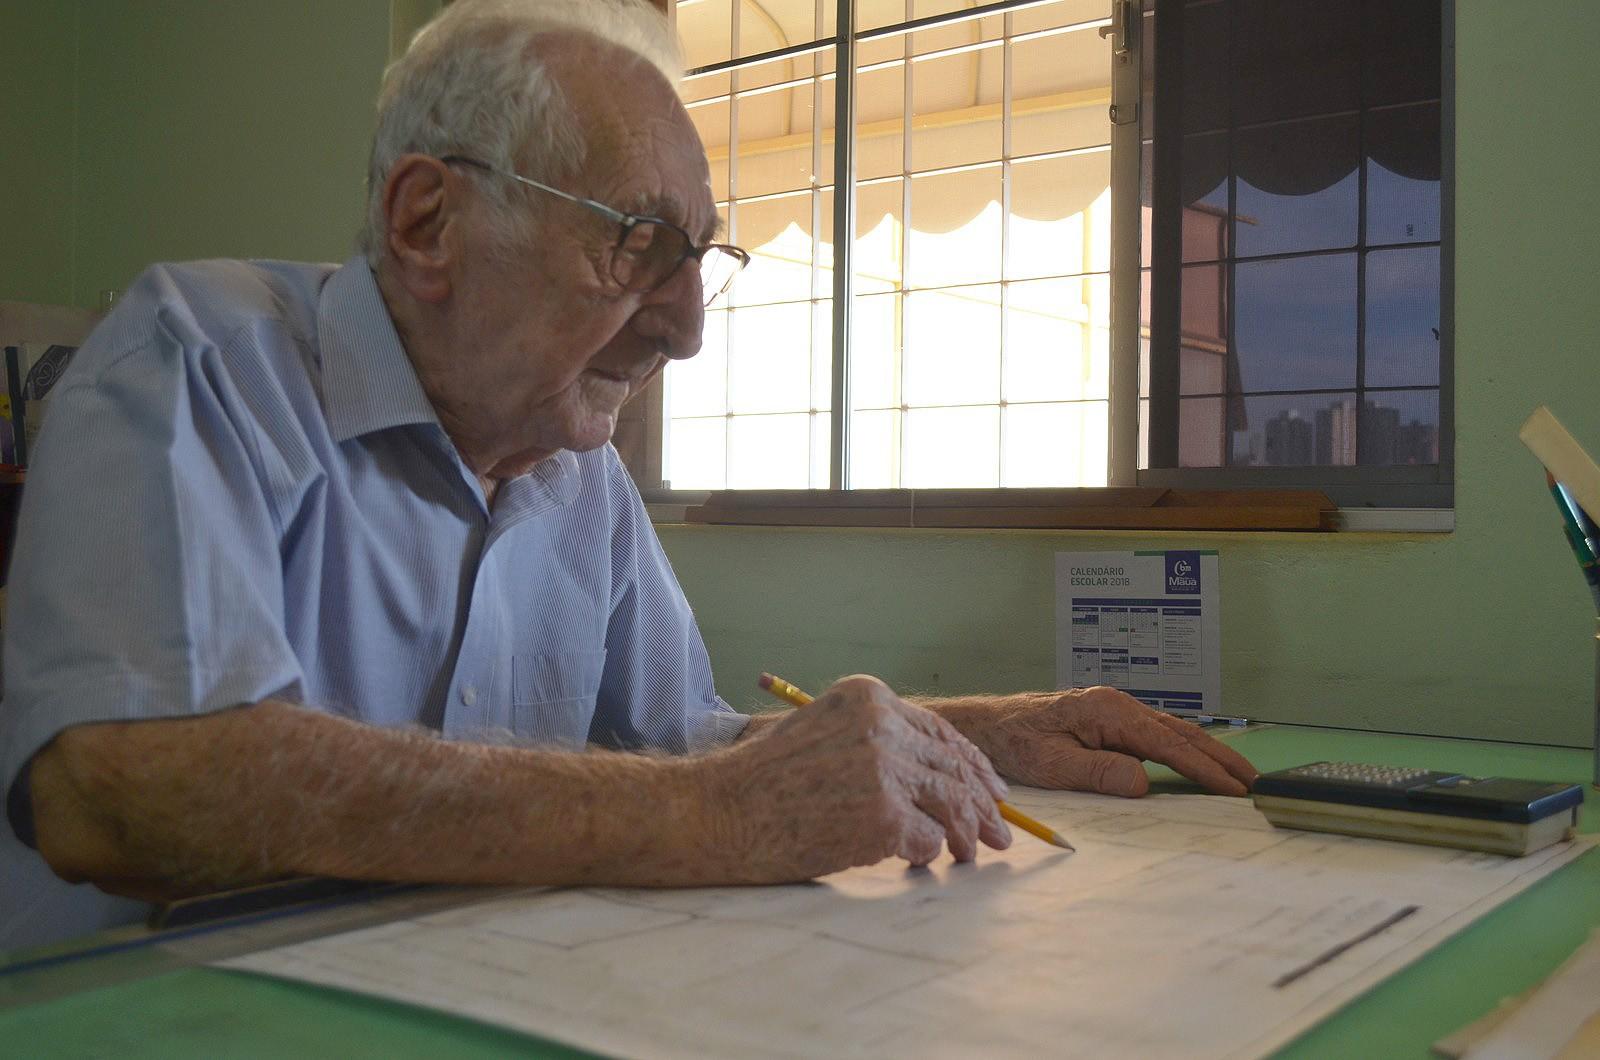 Aos 90 anos, idoso encara banco da universidade para cursar arquitetura e urbanismo em Ribeirão Preto, SP